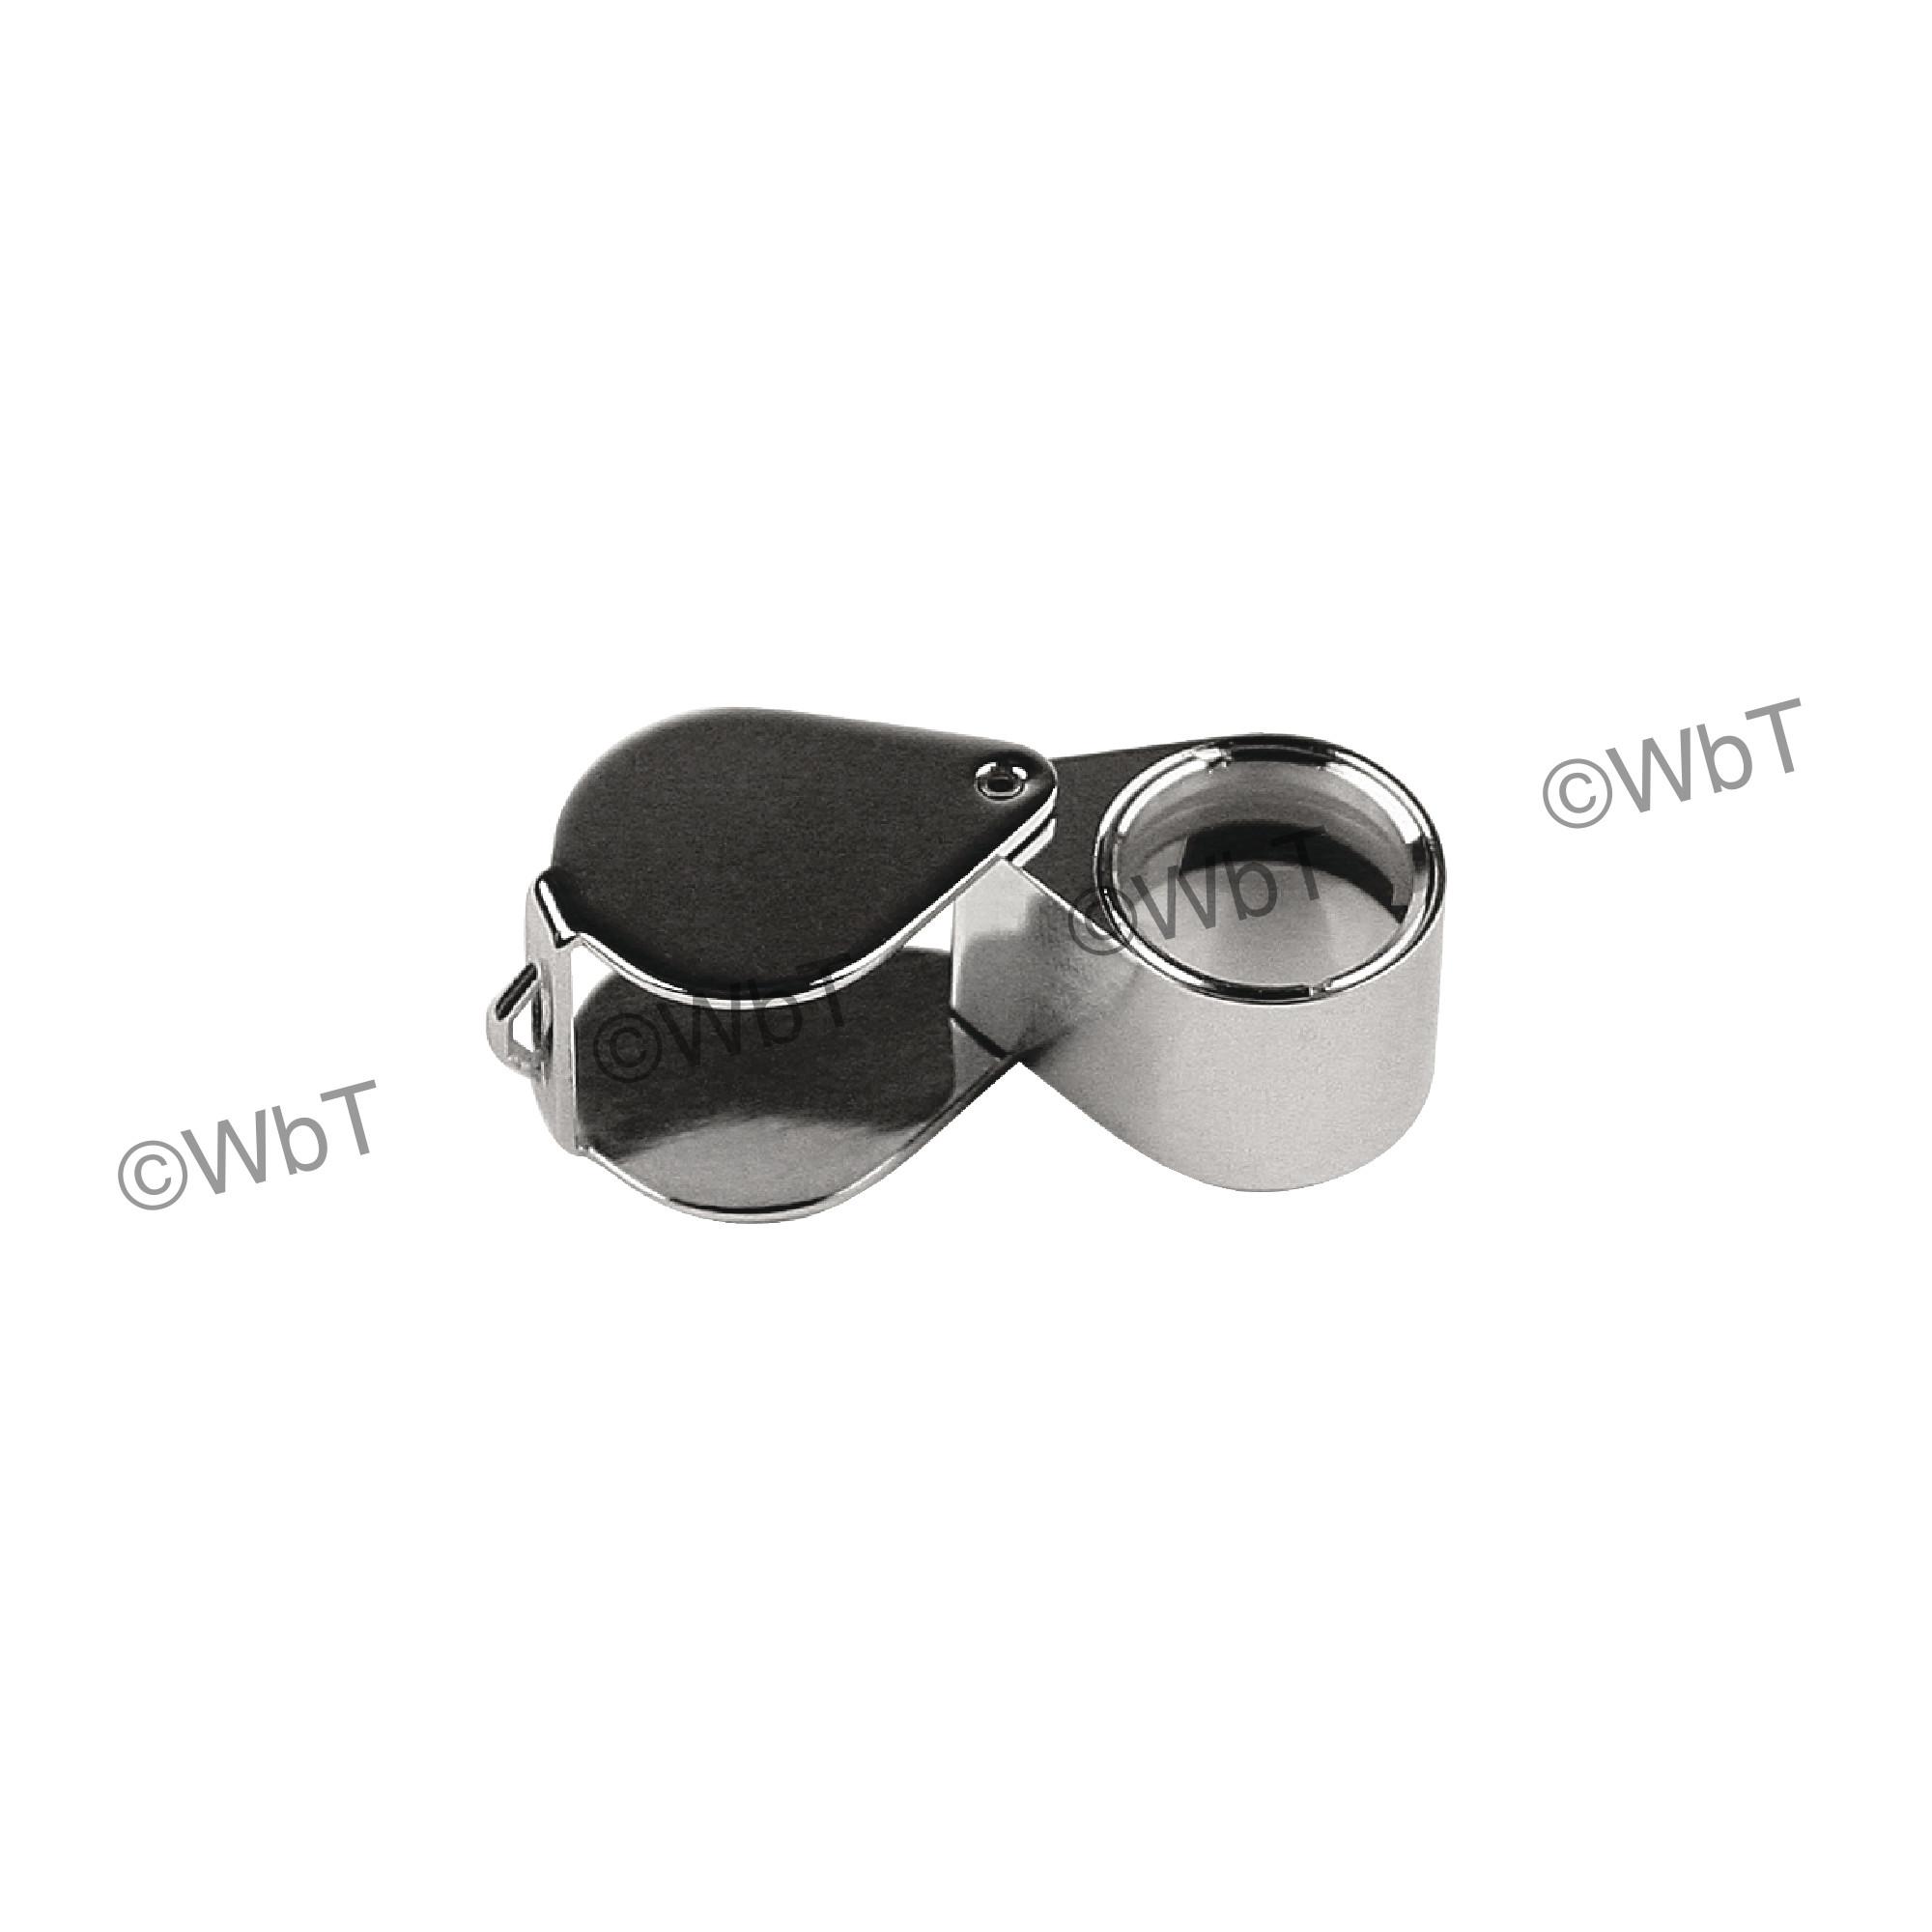 20X Hastings Triplet Magnifier